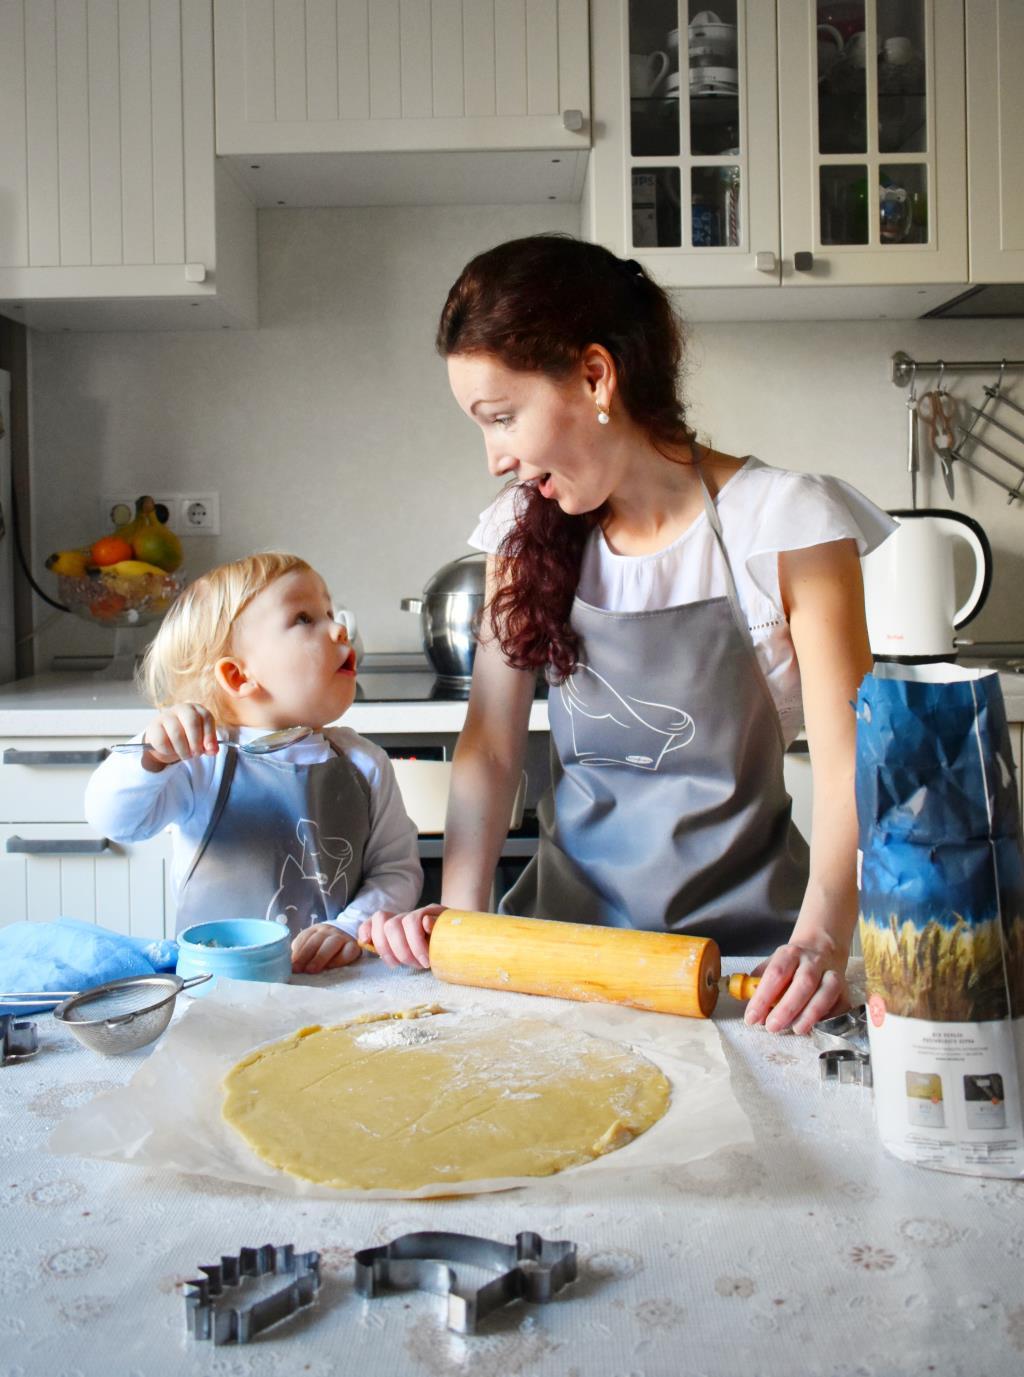 С мамой на кухне так интересно!. Настоящая хозяйка